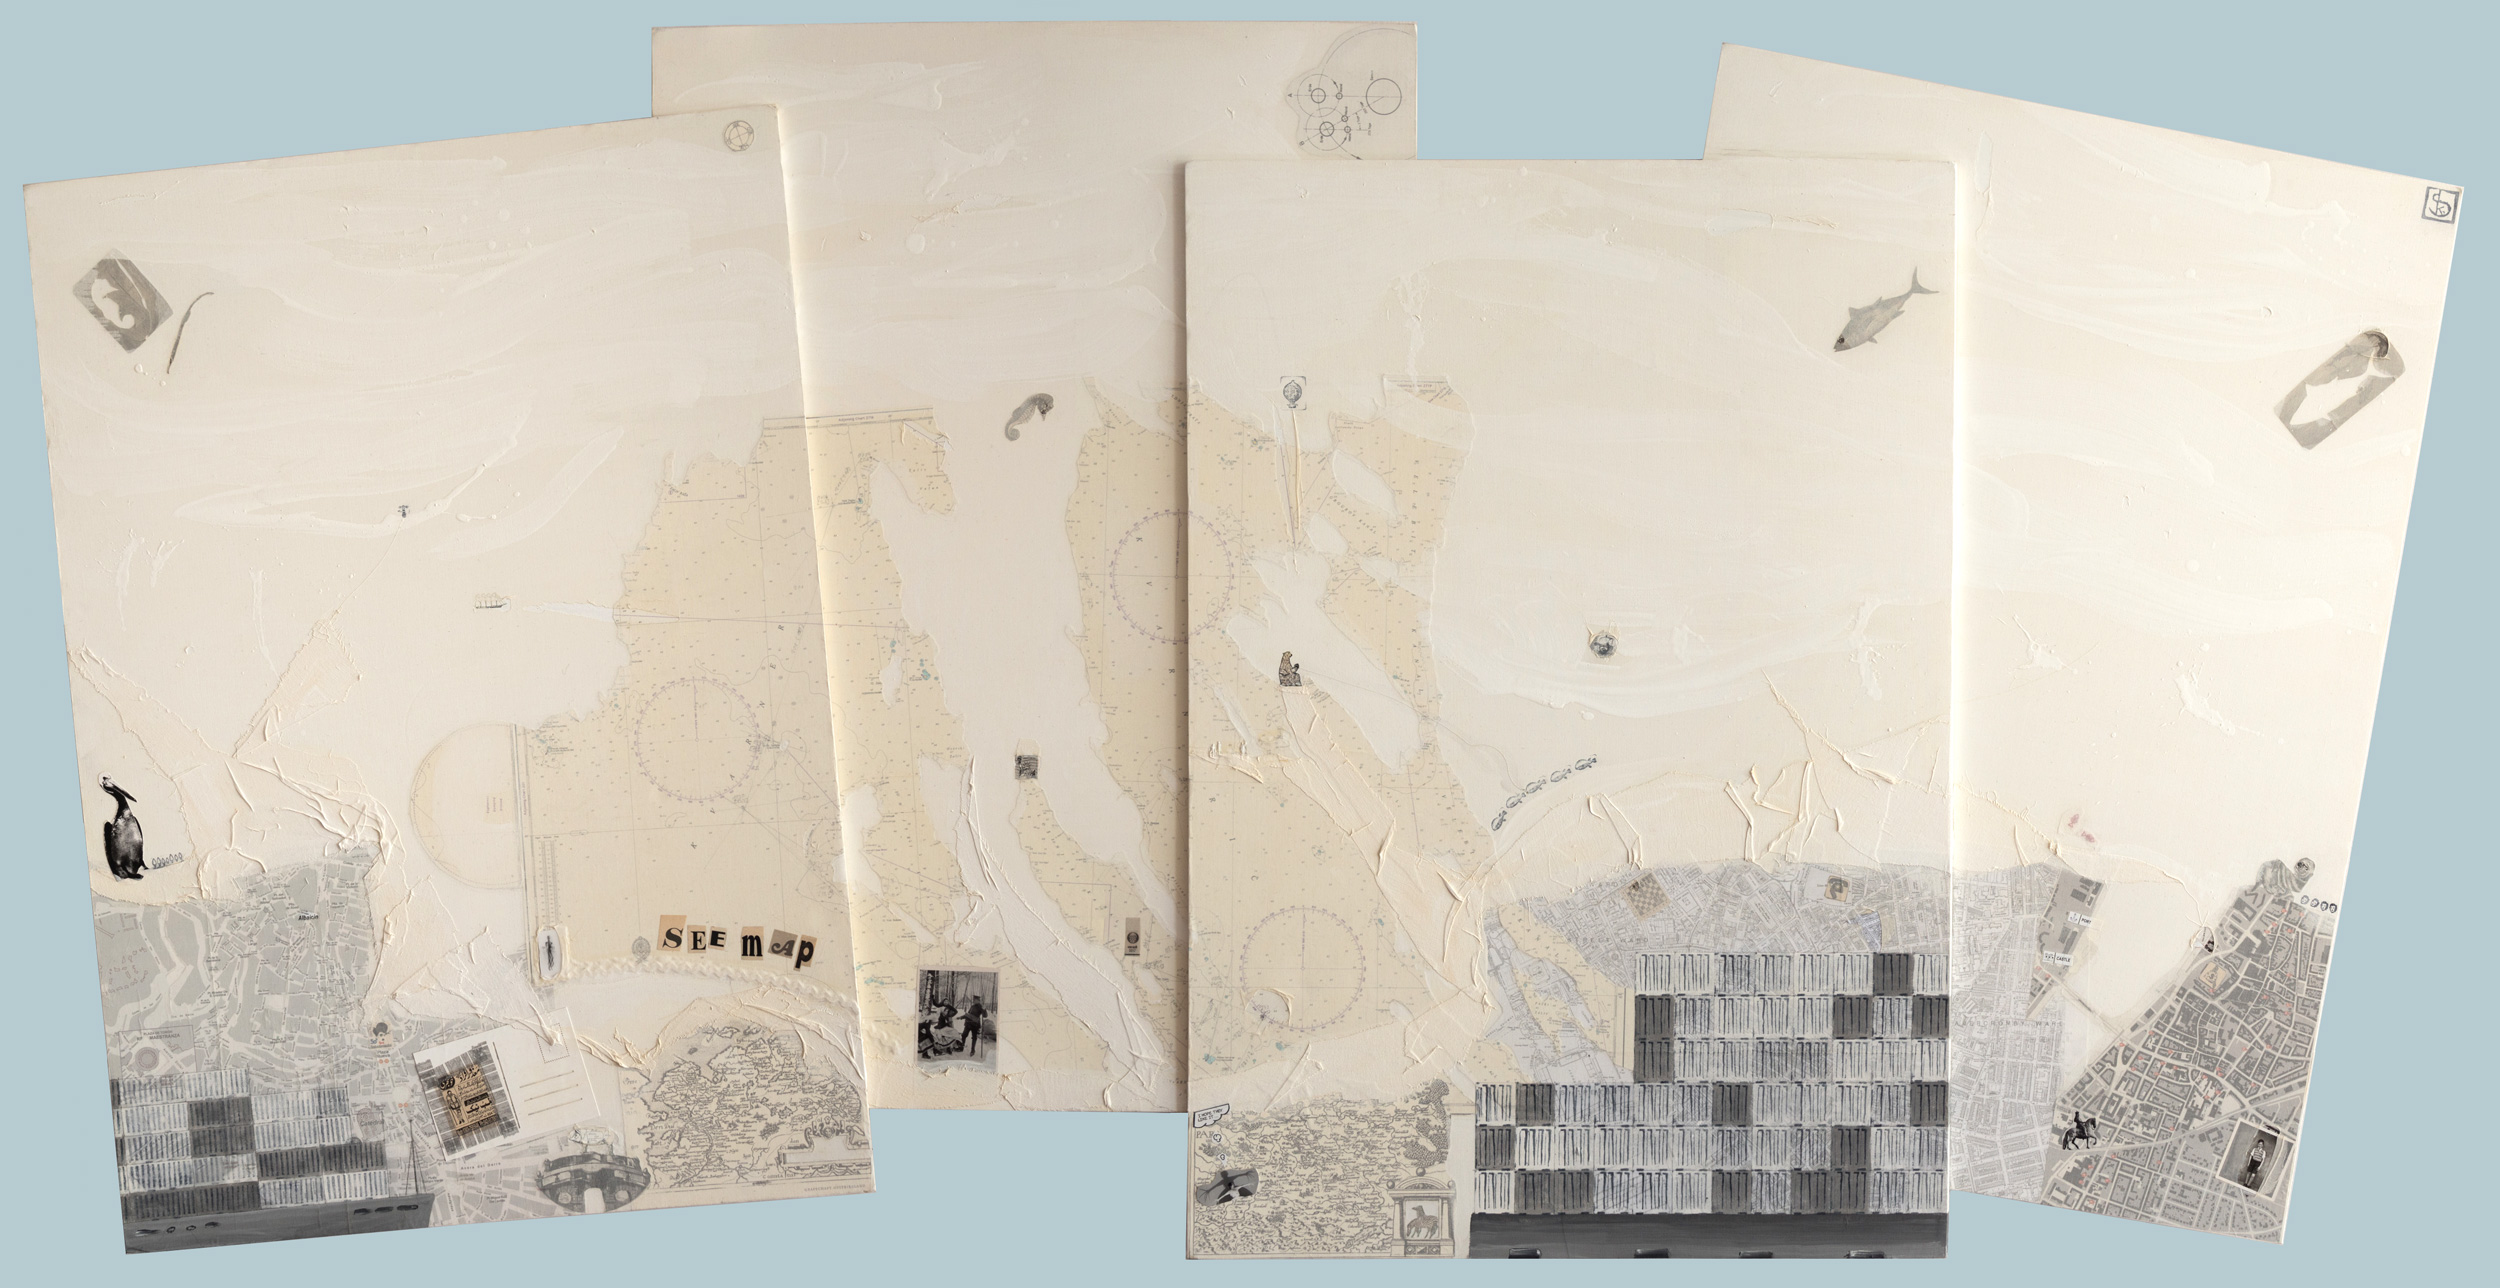 SEEmap - 224 x 112,5 cm / 88,9 x 44 in